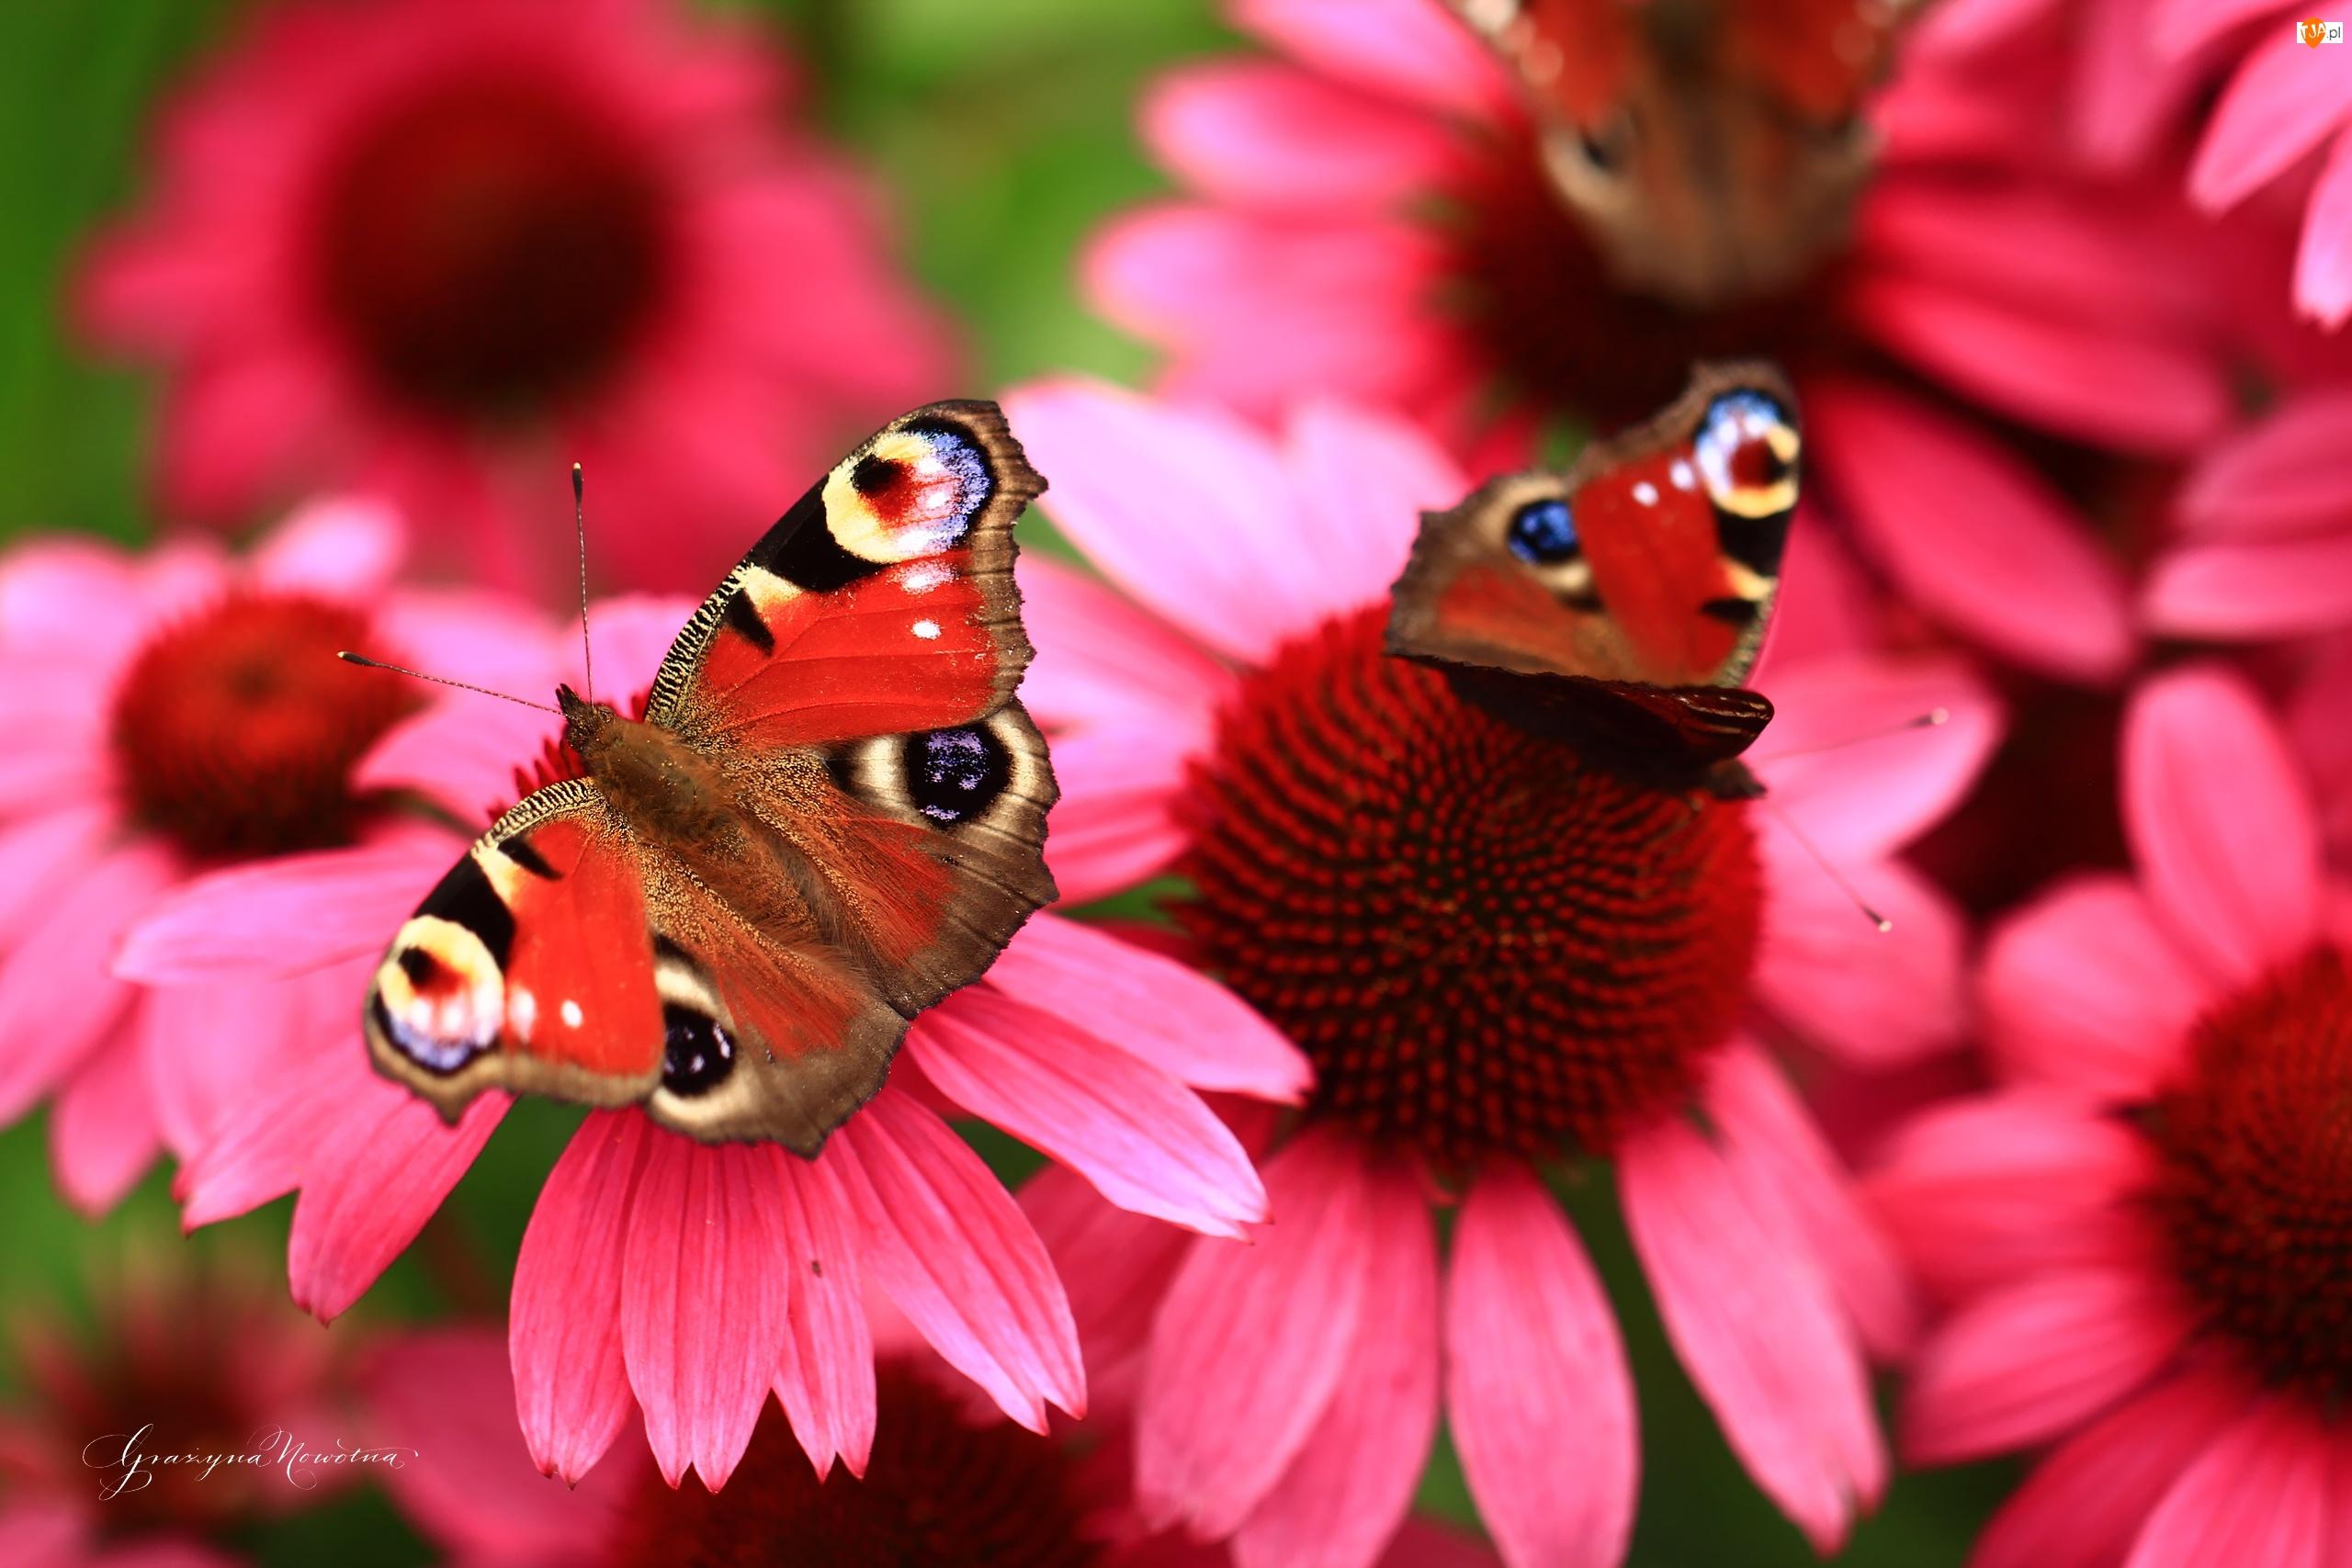 Pawik Rusałka, Jeżówki, Kwiaty, Czerwone, Motyle